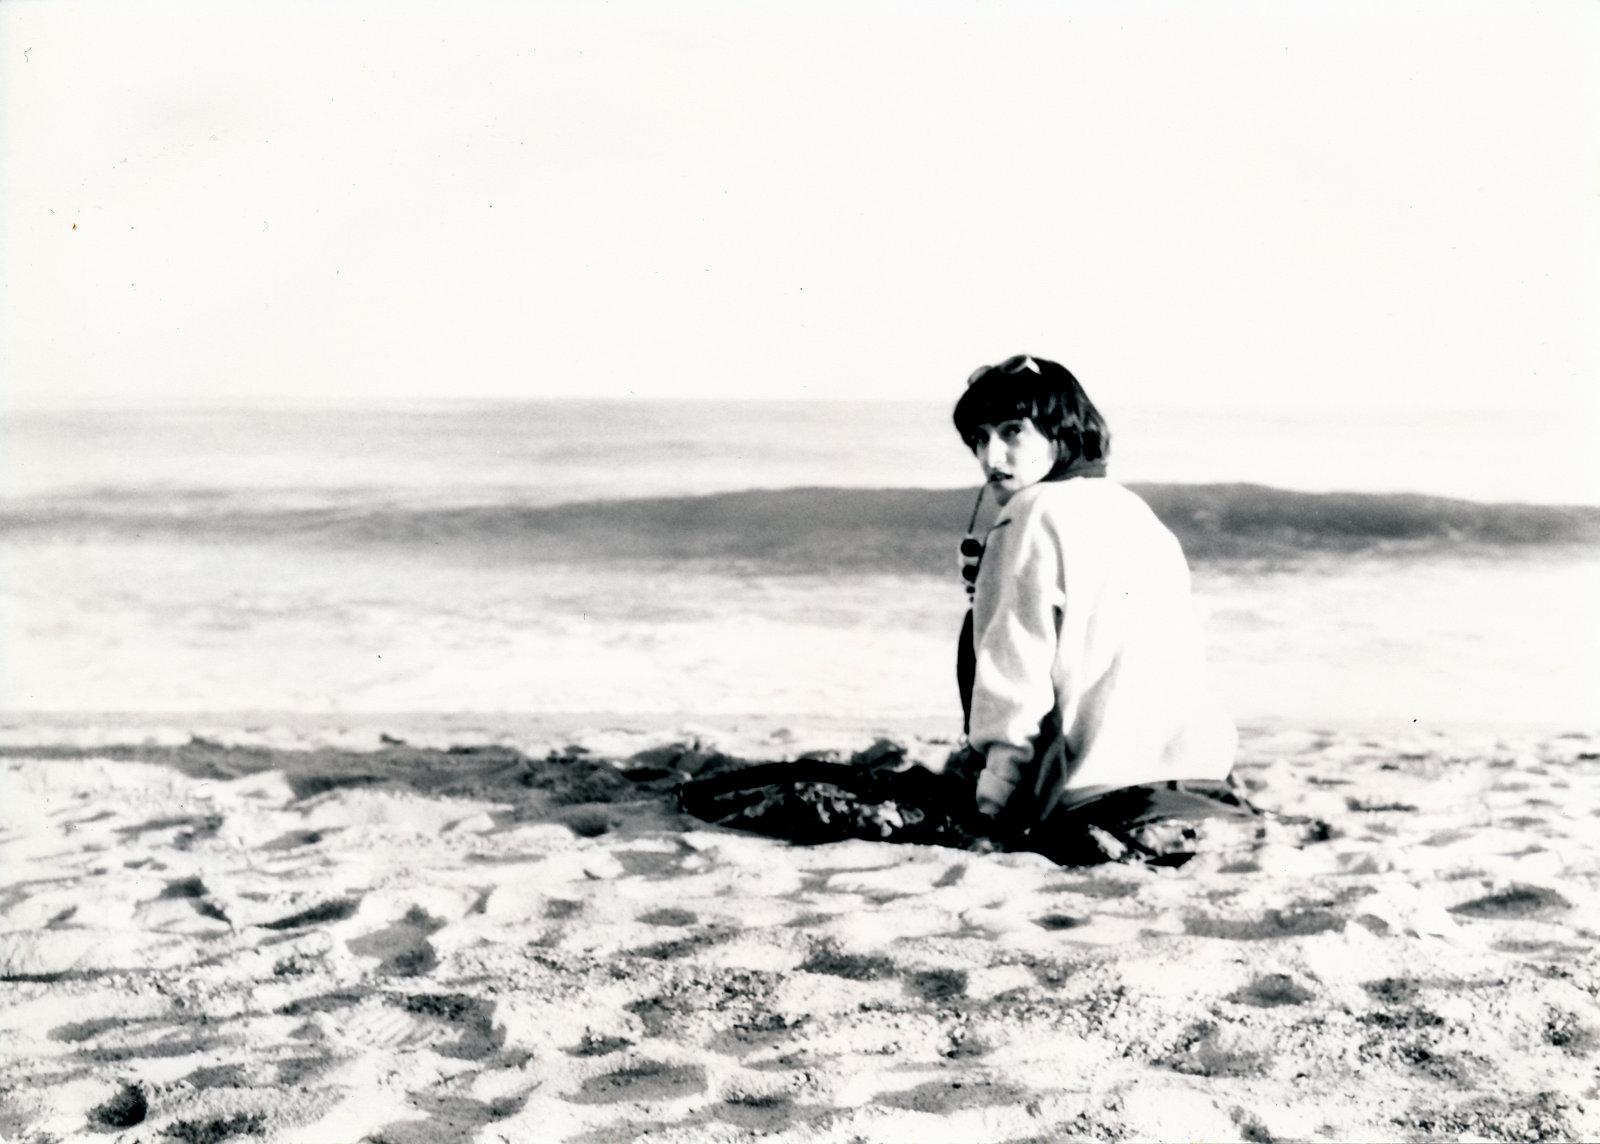 Beach-2-living-paintings.org